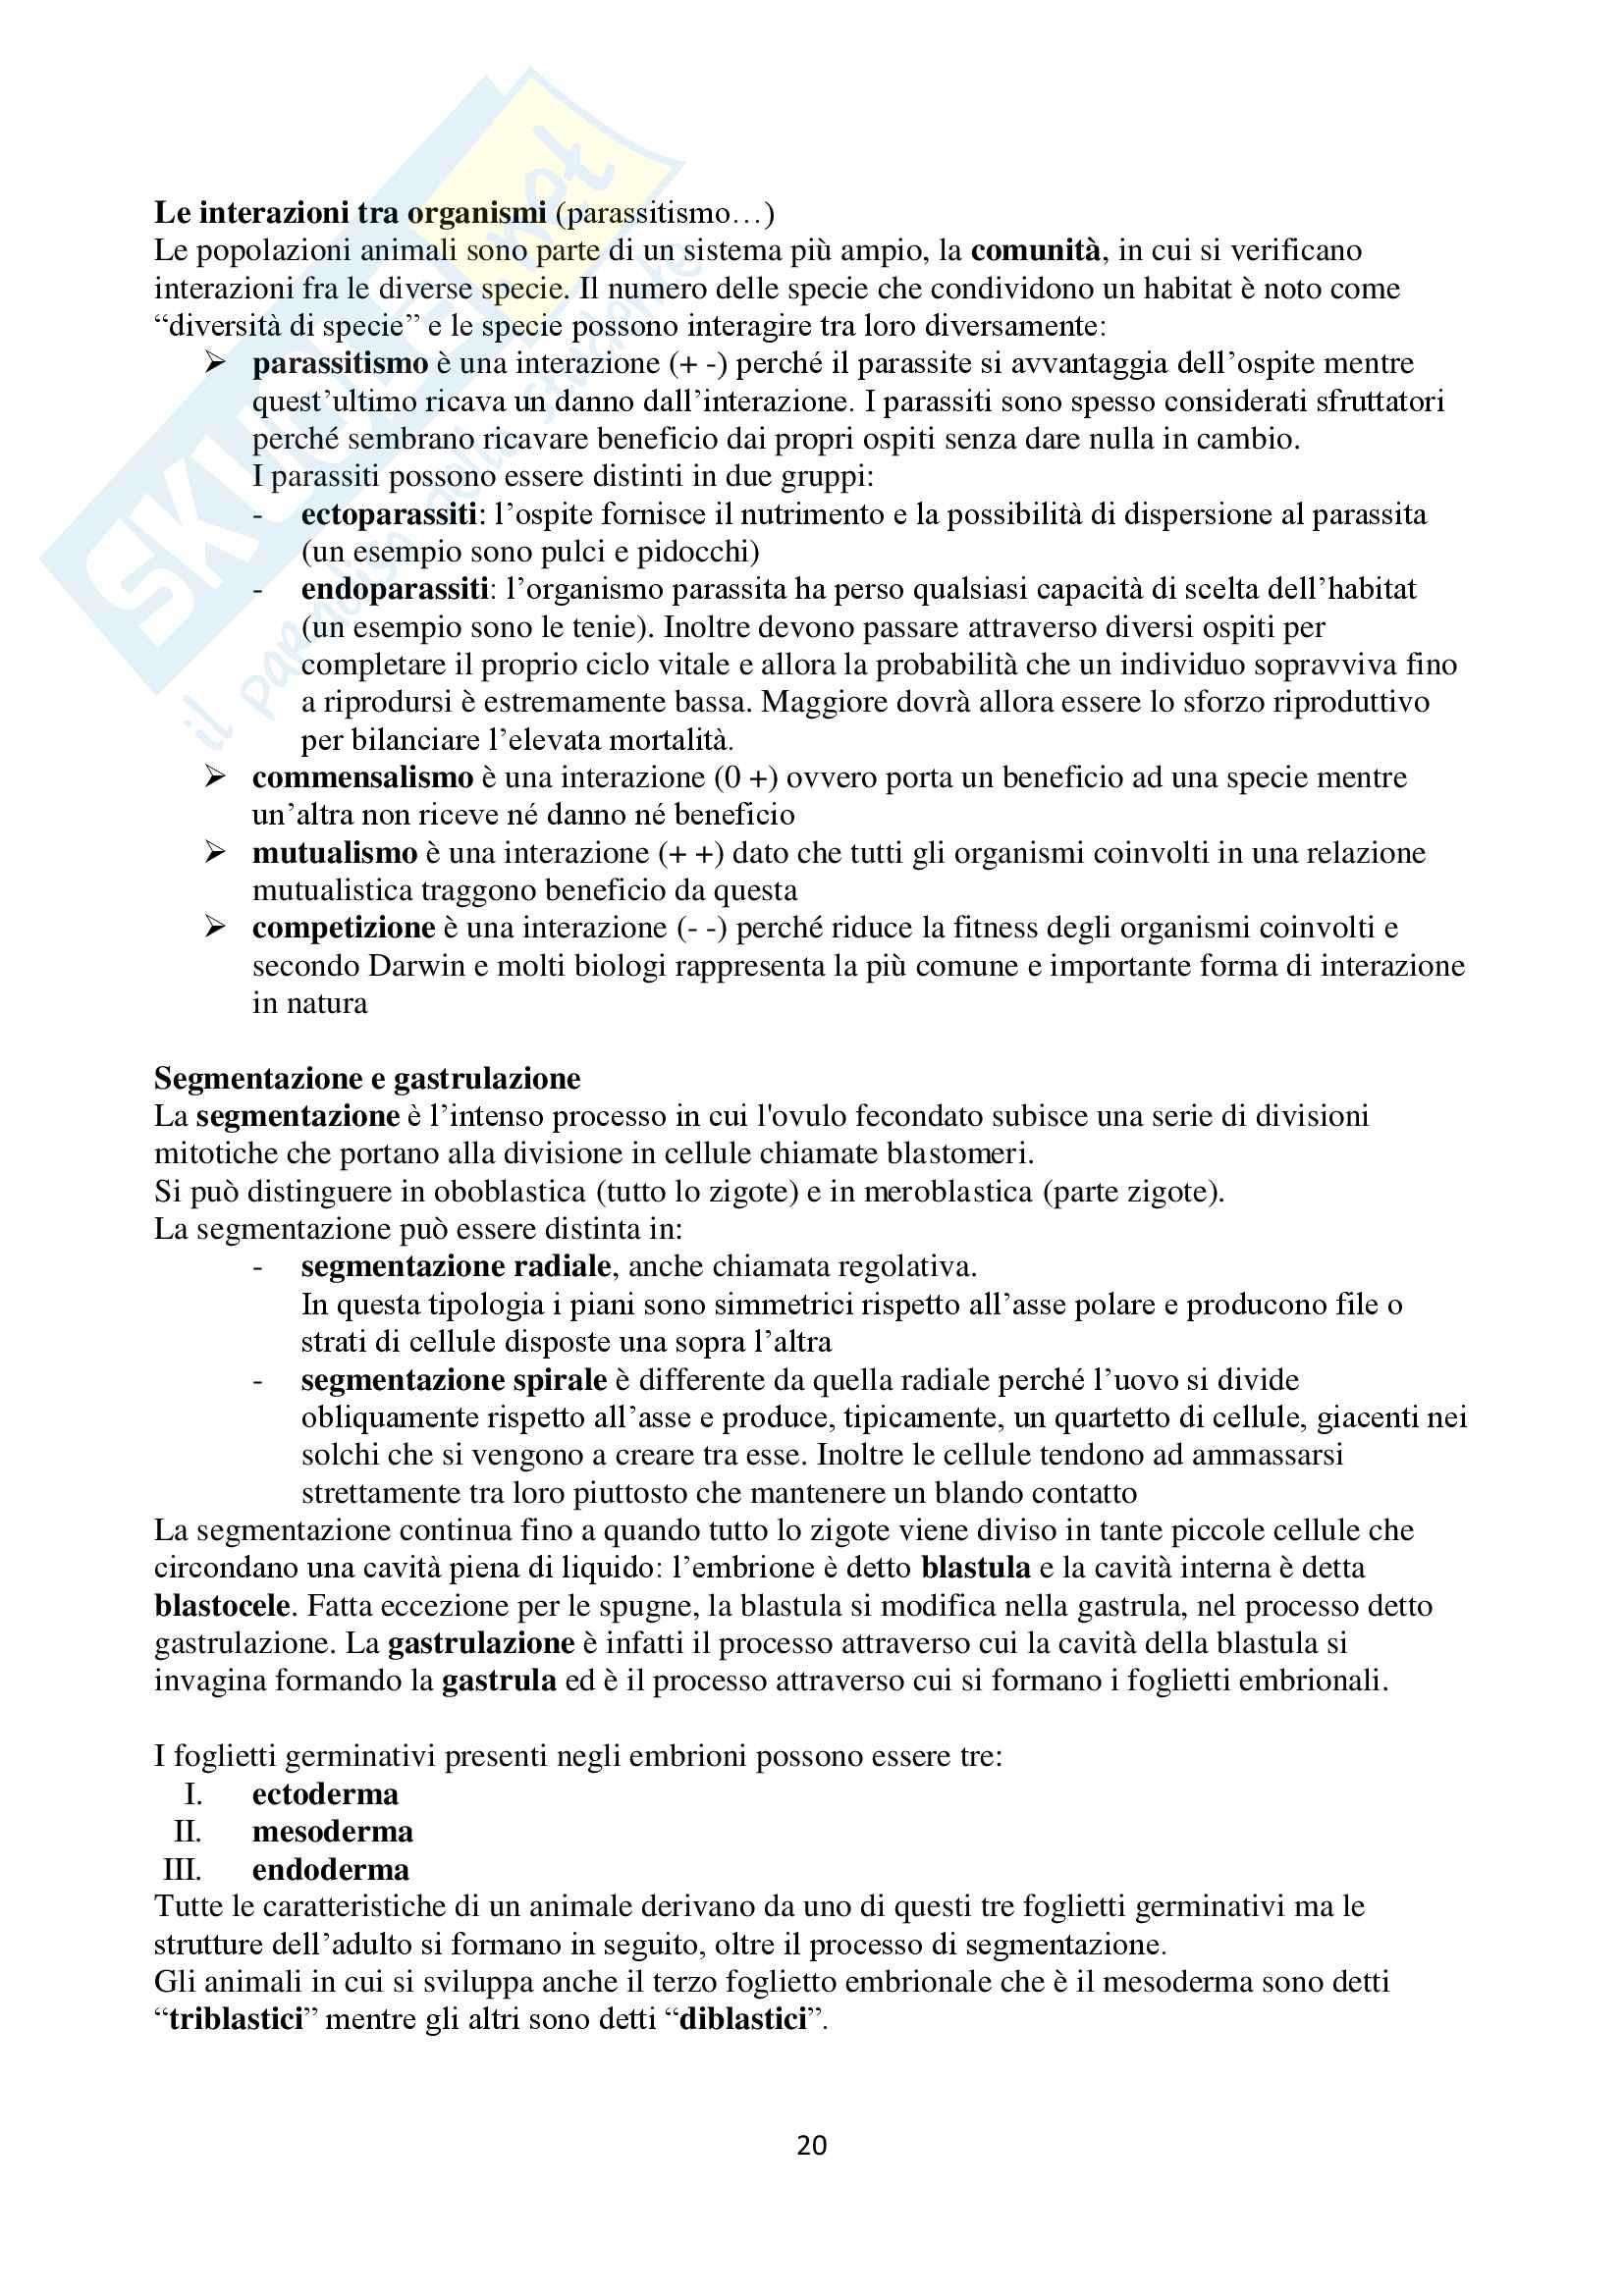 Appunti di Zoologia per l'esame del corso di laurea triennale in Scienze Biologiche (Università Milano Bicocca) Pag. 21